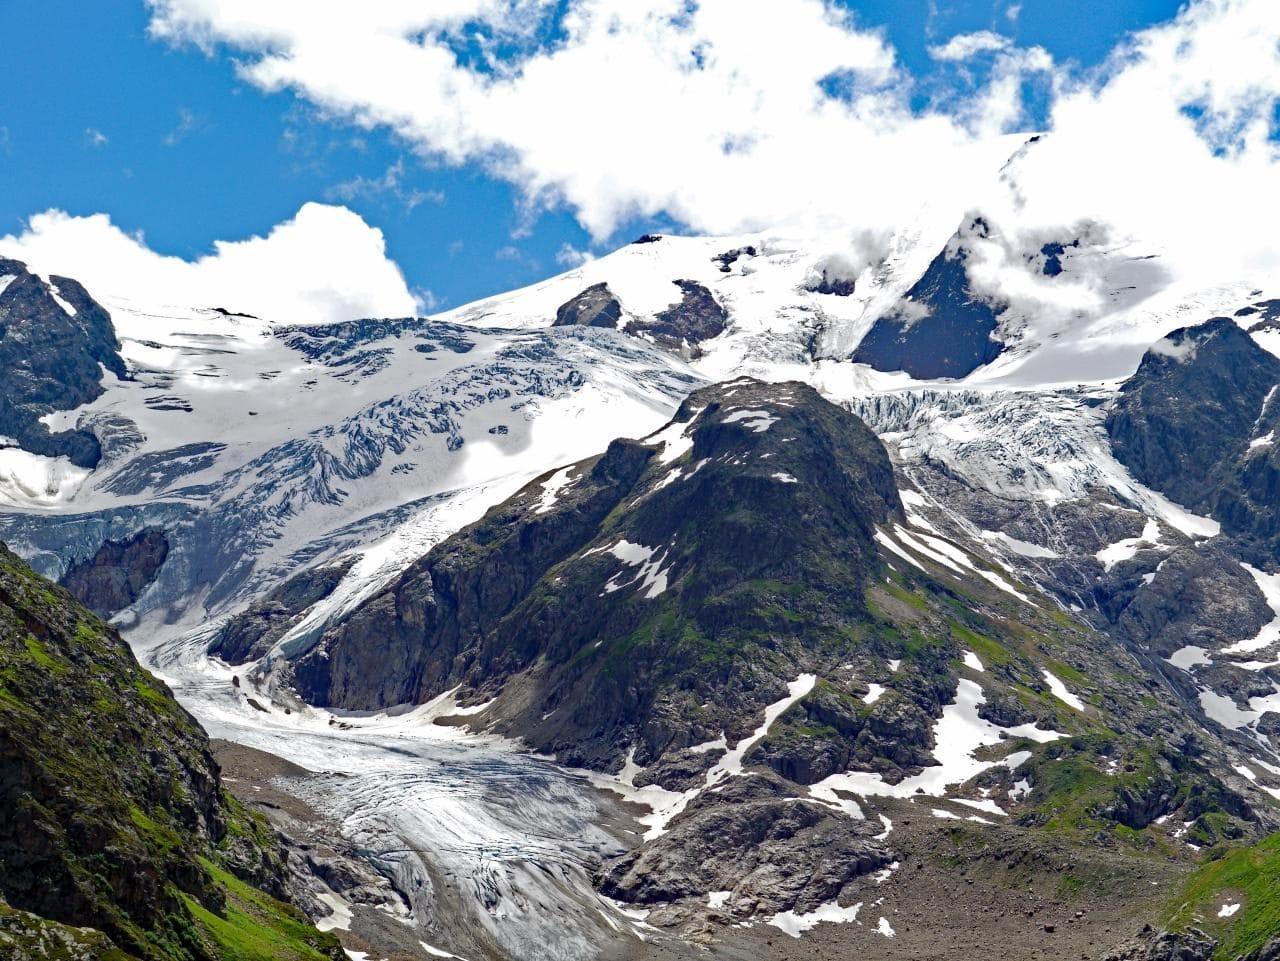 스위스 자동차 여행, 수스텐 패스(Susten PASS)에서 바라본 스타인 빙하(Stein Glacier), switzerland, Image - hpgruesen